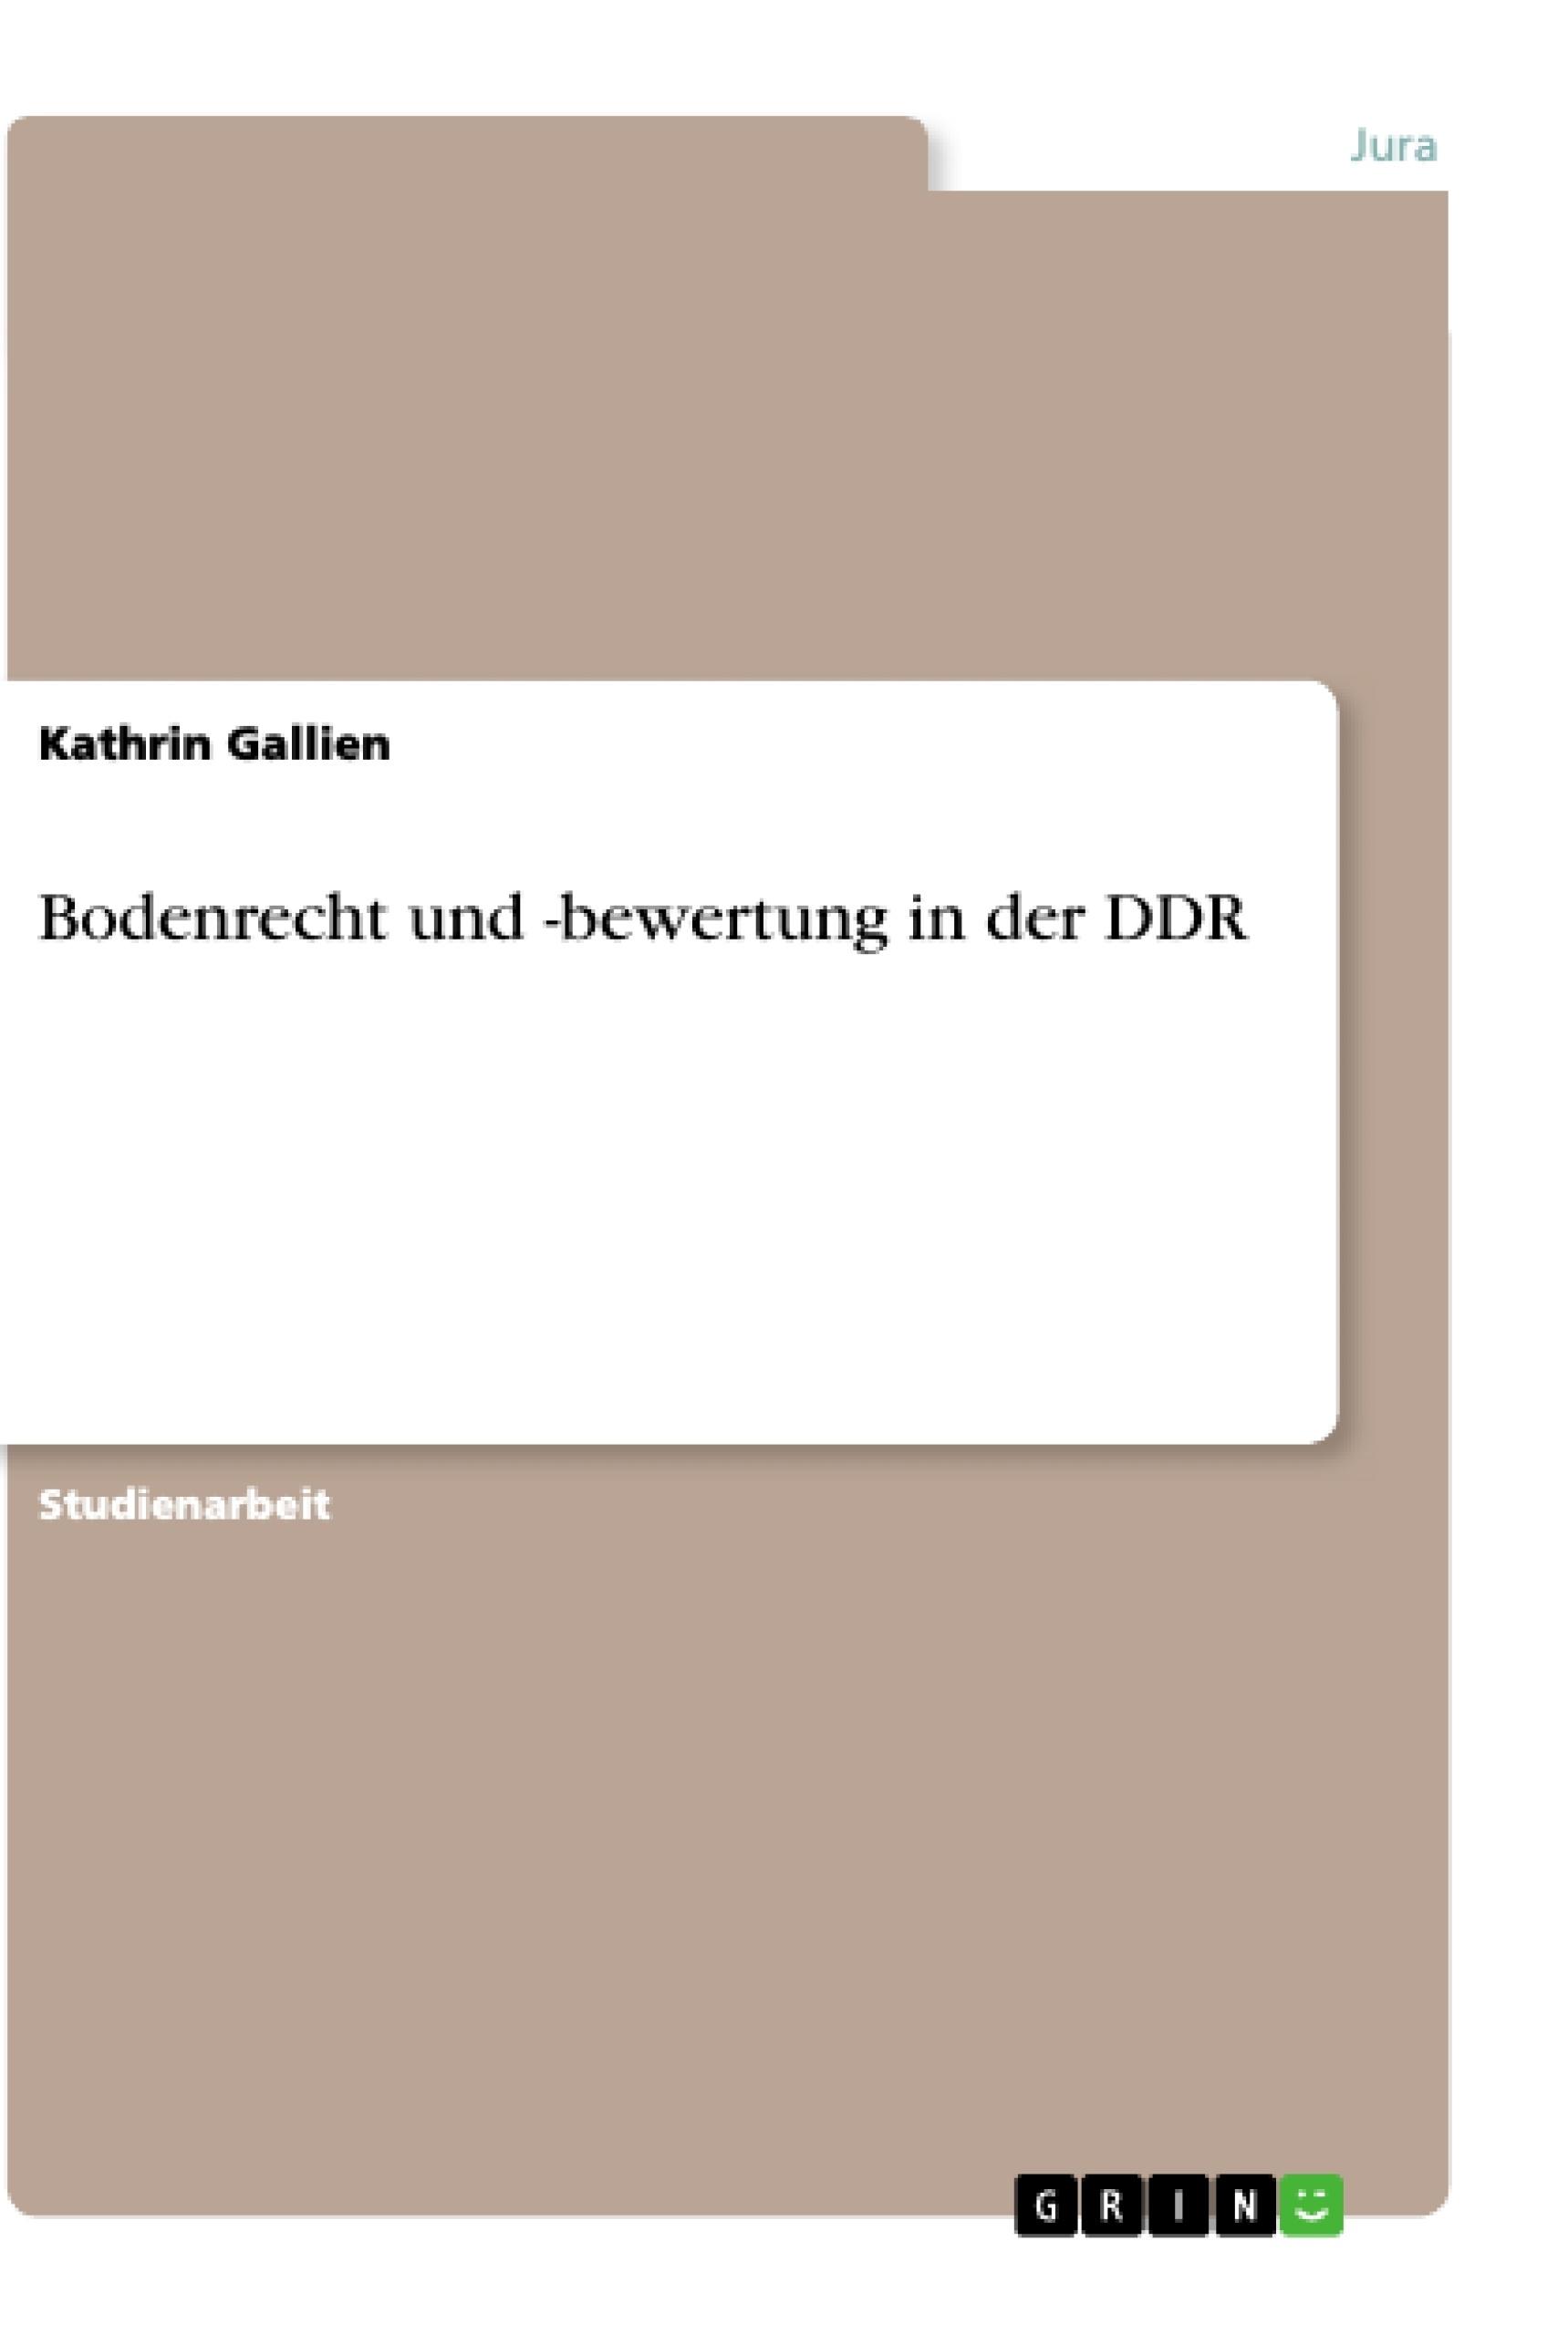 Titel: Bodenrecht und -bewertung in der DDR